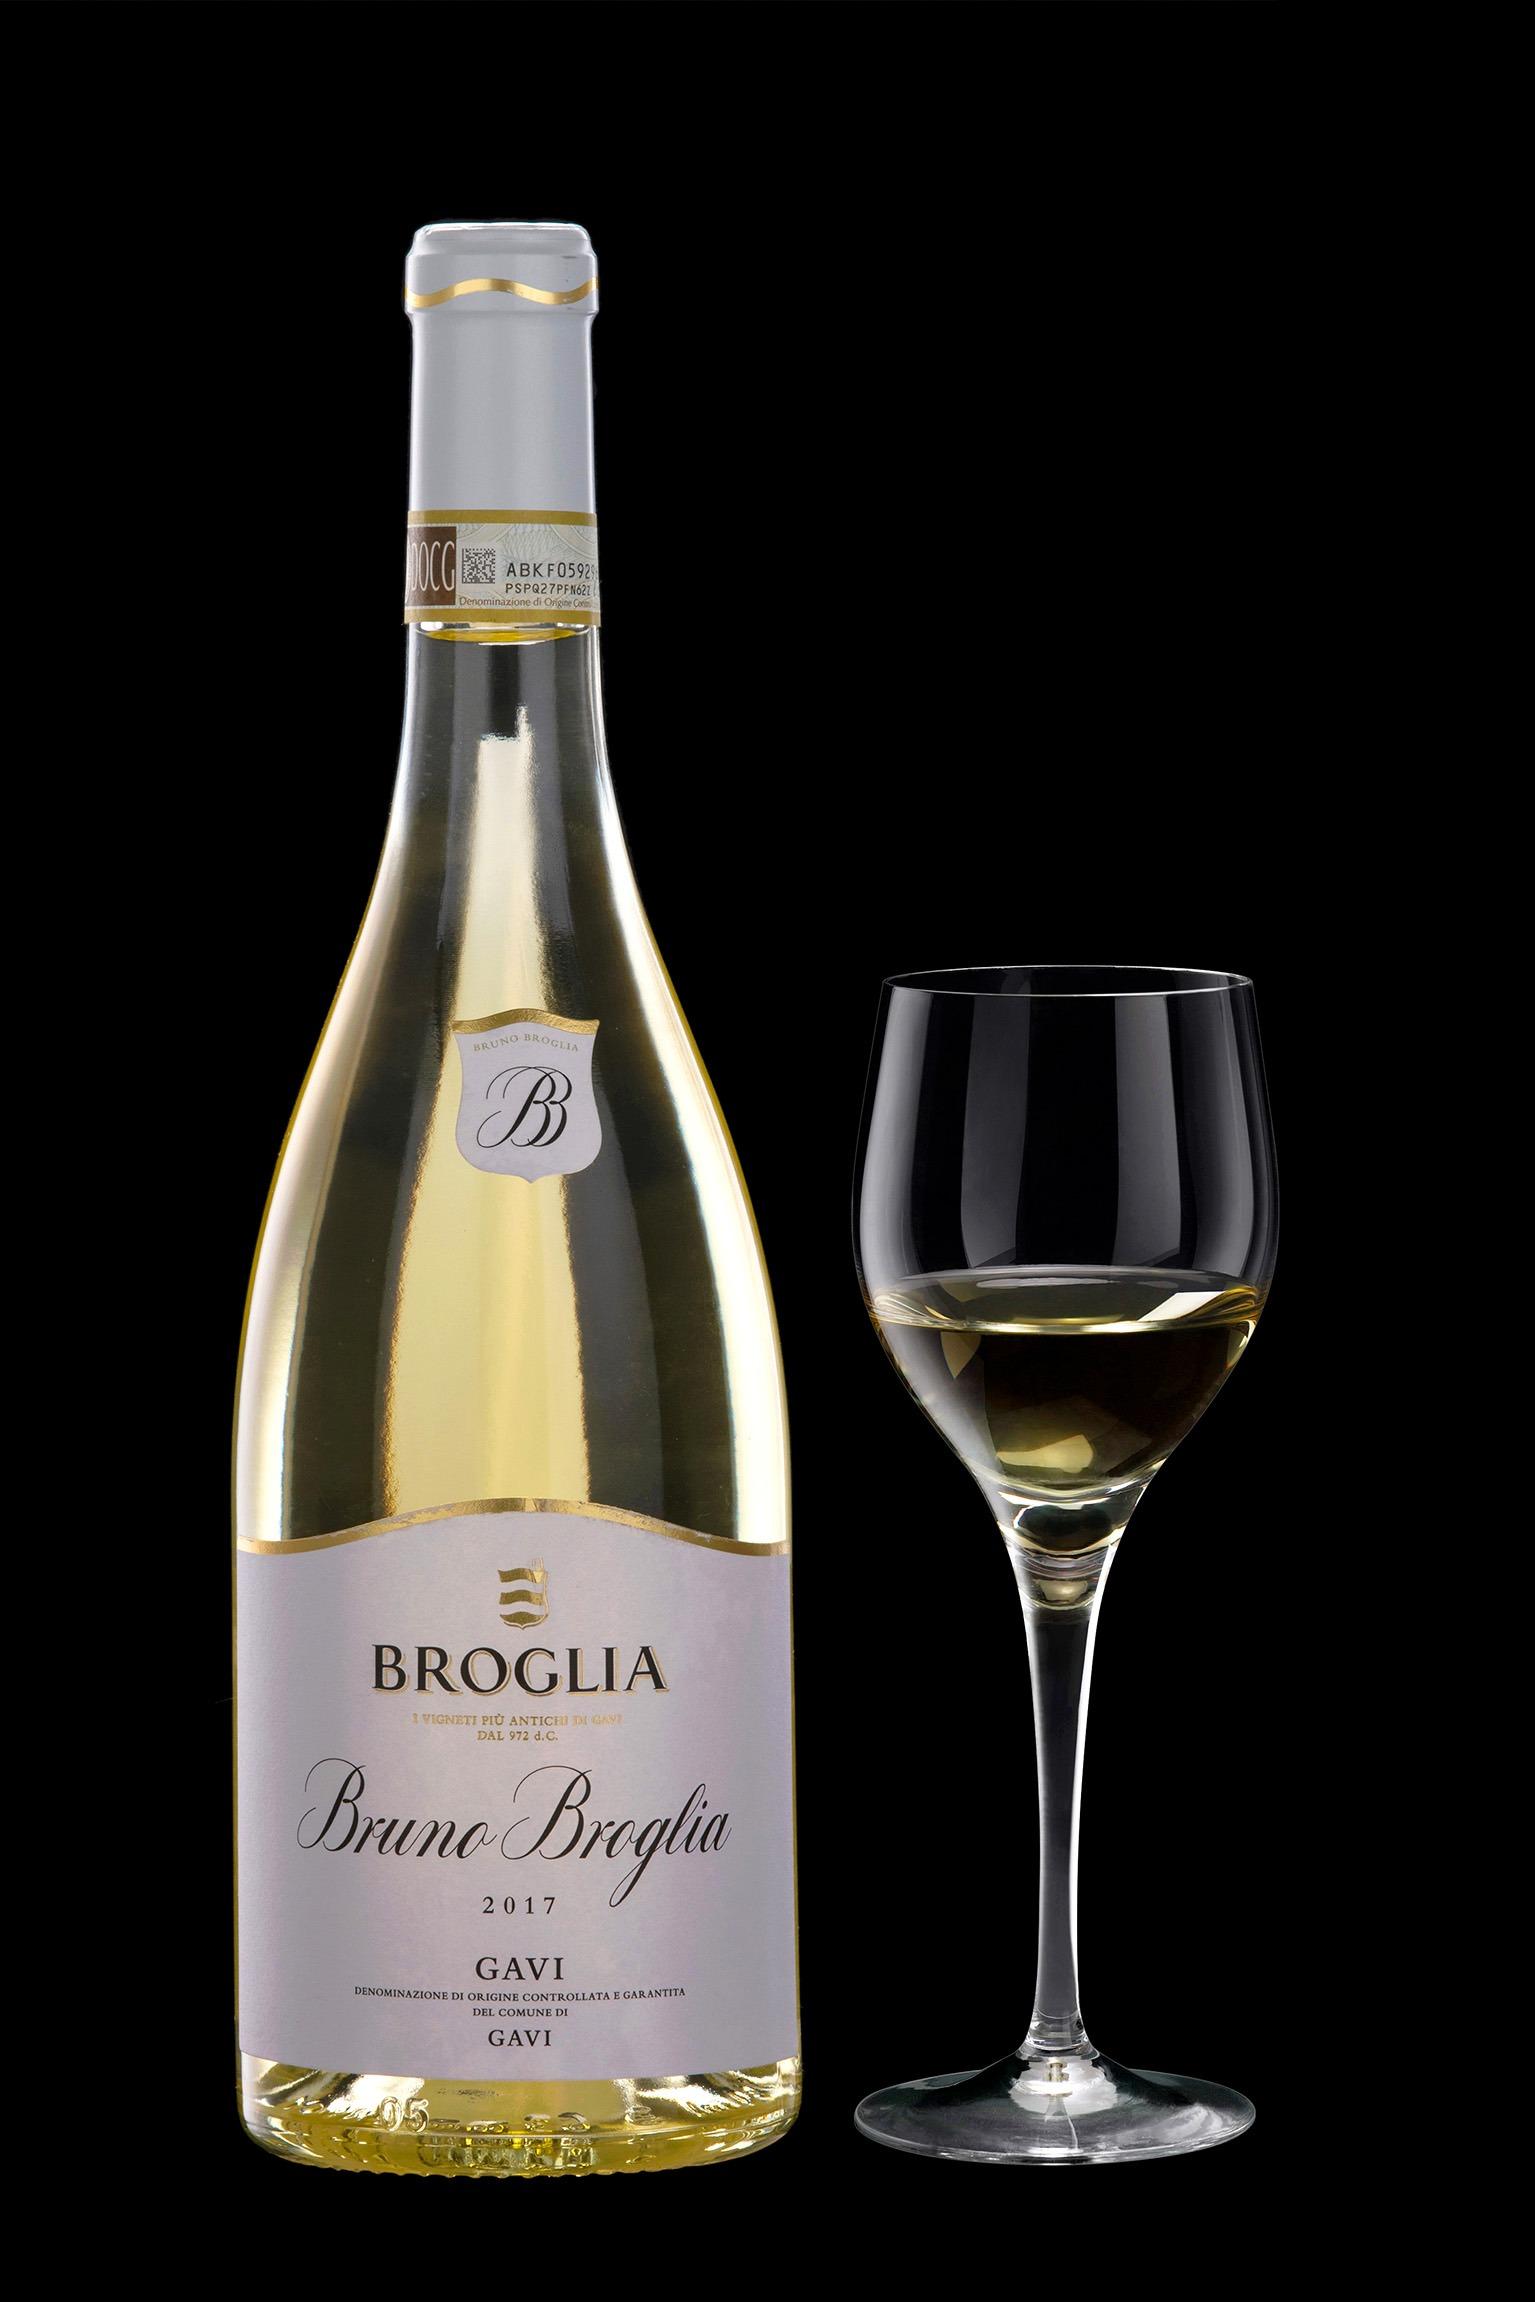 Bruno Broglia